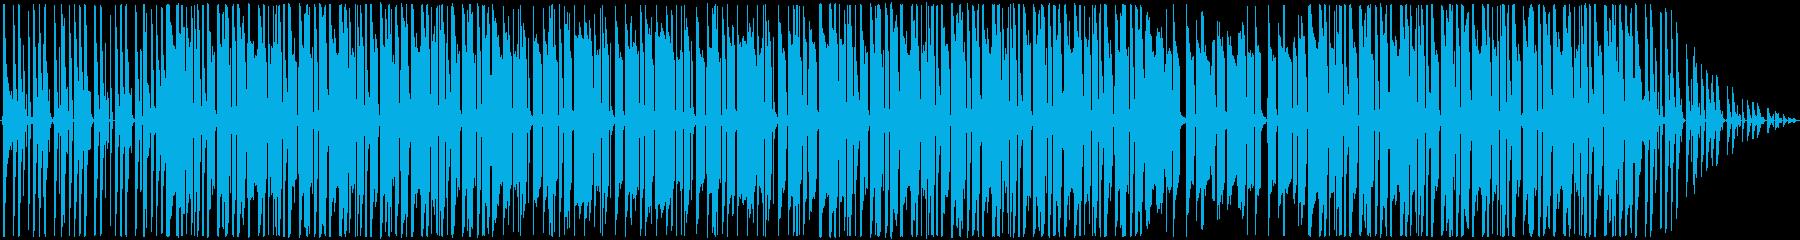 プログレッシブハウス。シンプル。基本。の再生済みの波形